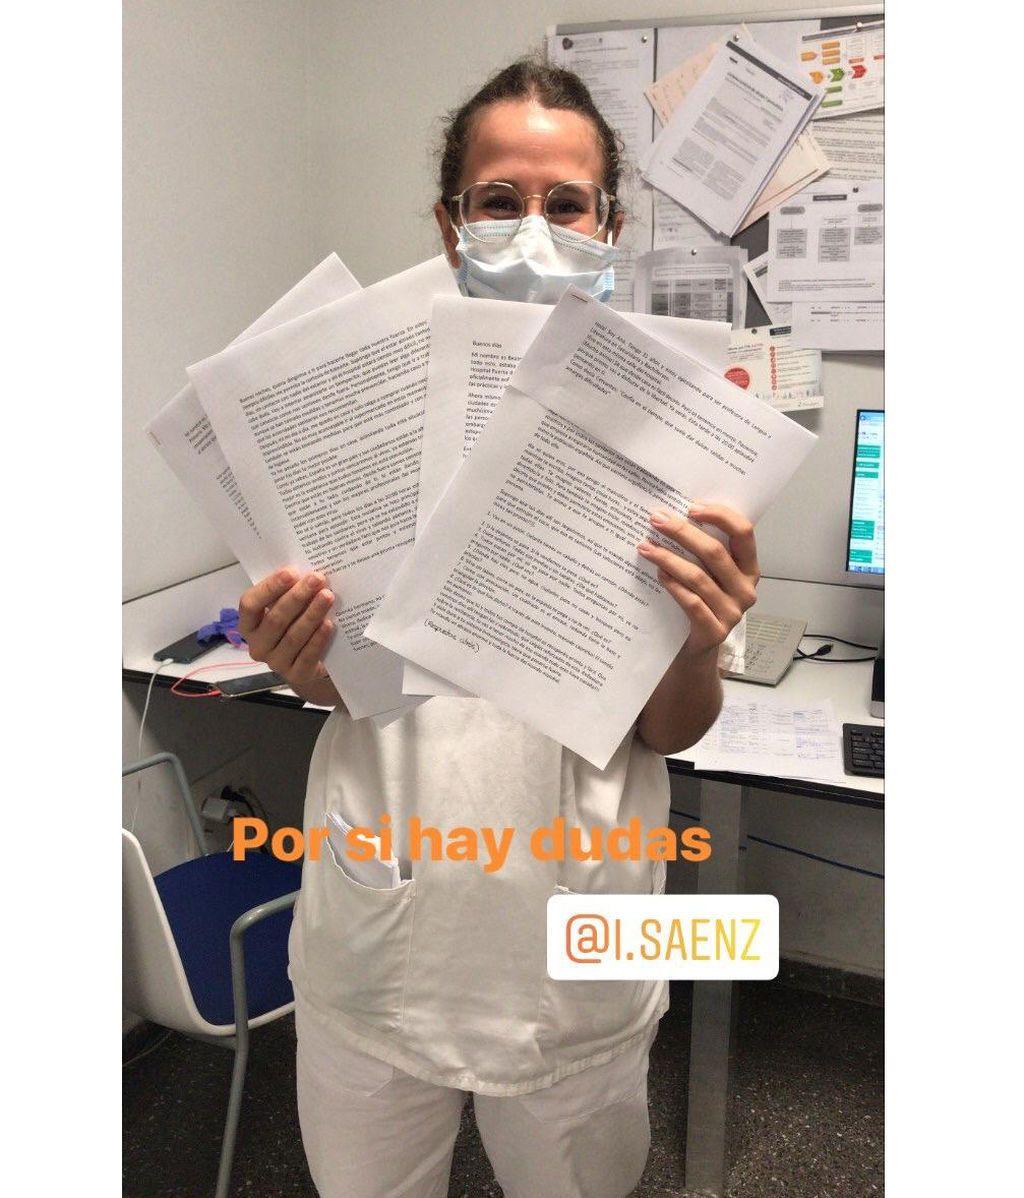 Las primeras cartas solidarias que están llegando a los hospitales